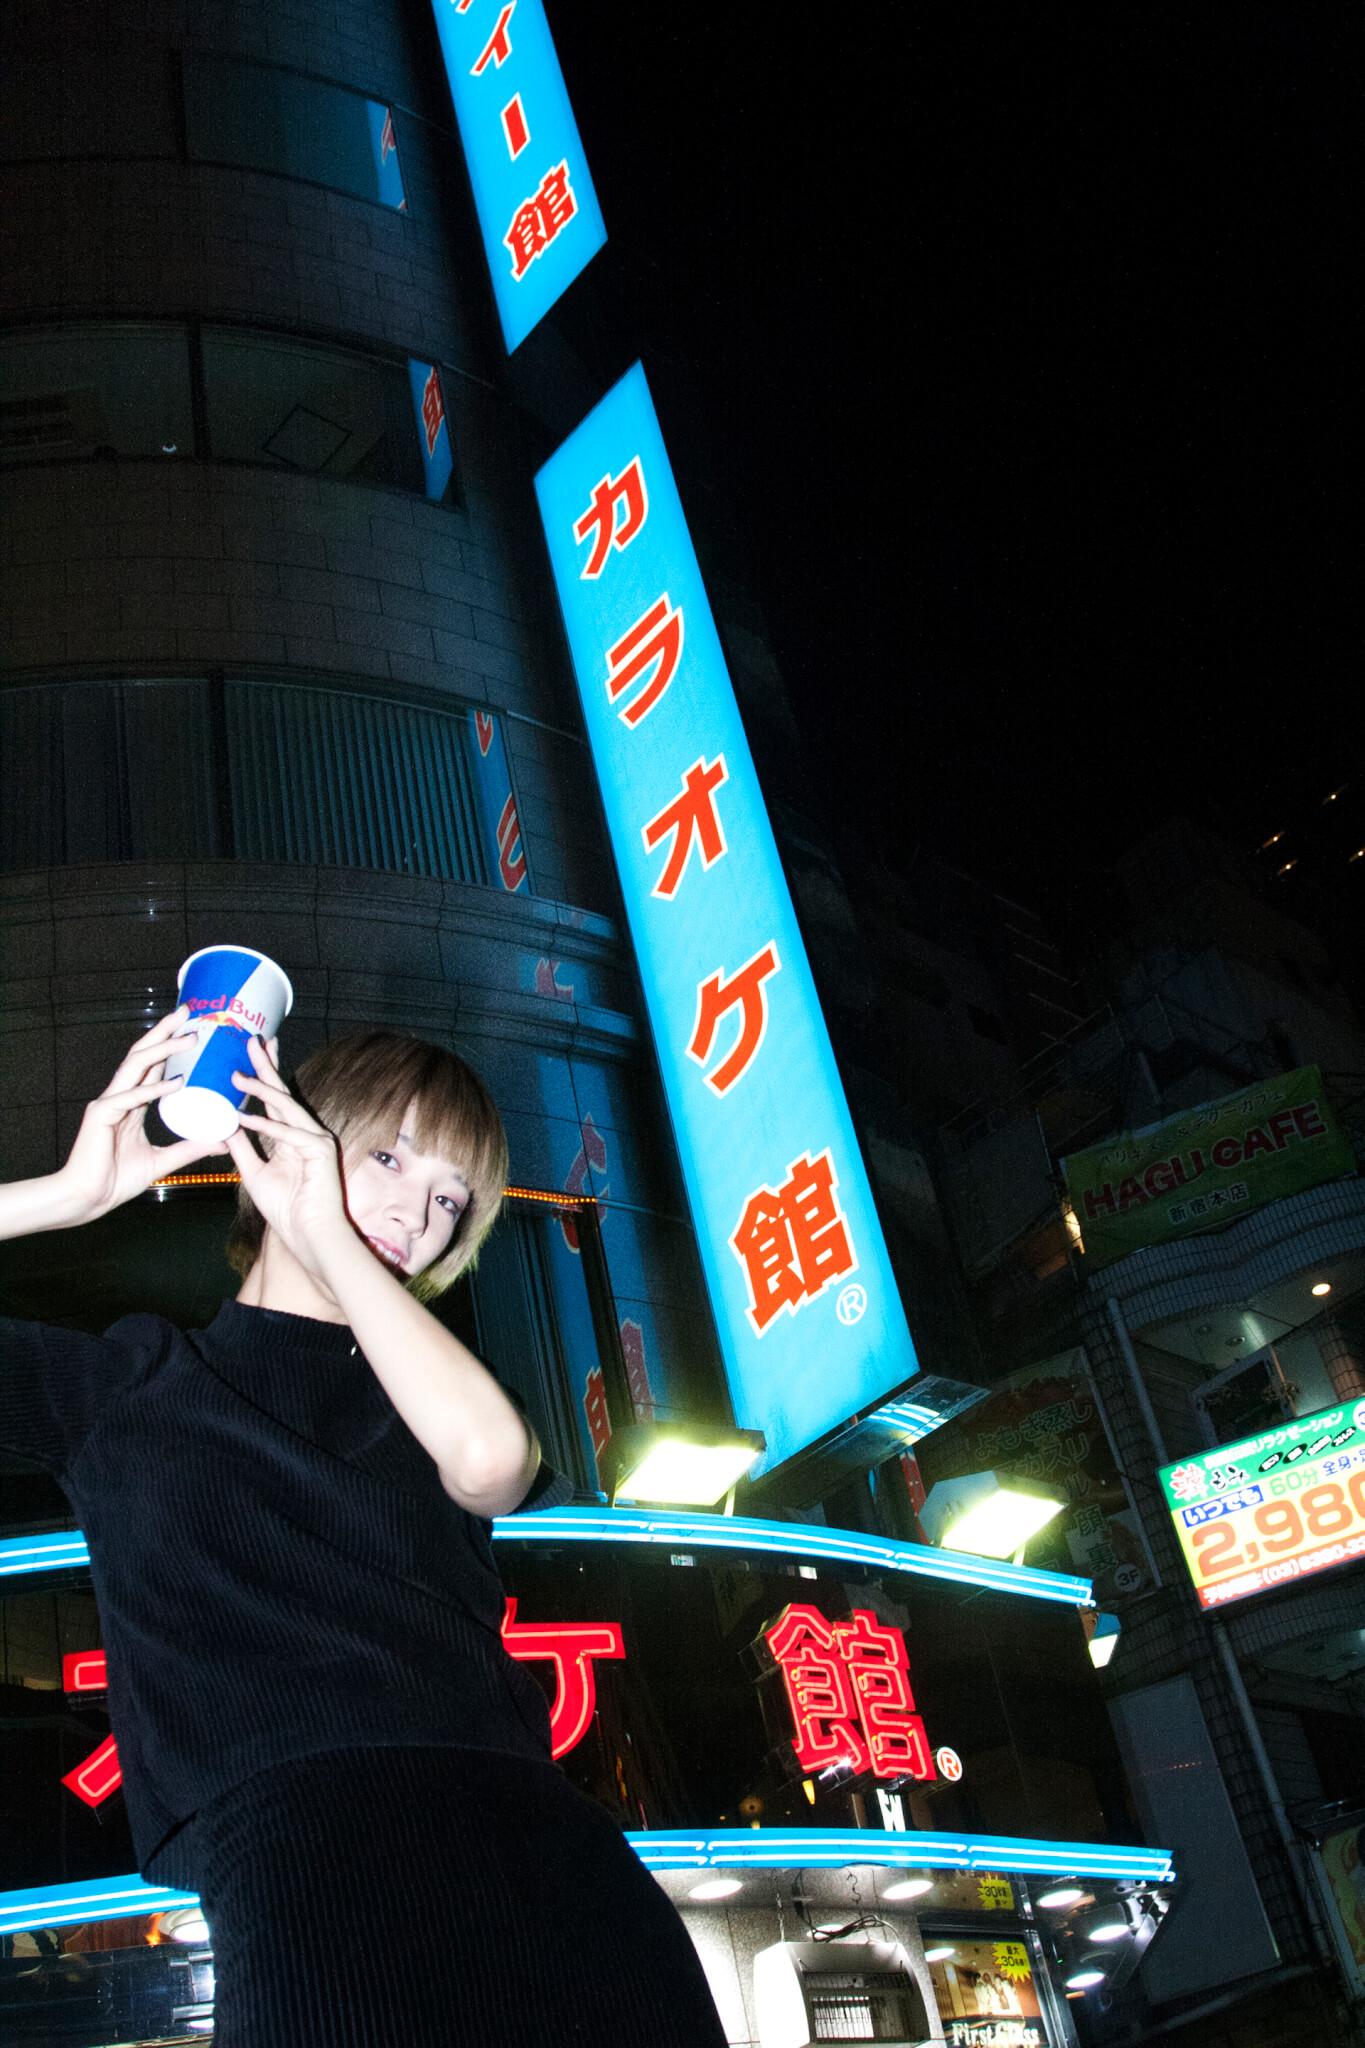 コウキシン女子の初体験 vol.11 まりりん:LOST IN KARAOKE@新宿カラオケ館 column181011-red-bull-music-festival-tokyo-2018-lost-in-karaoke-34